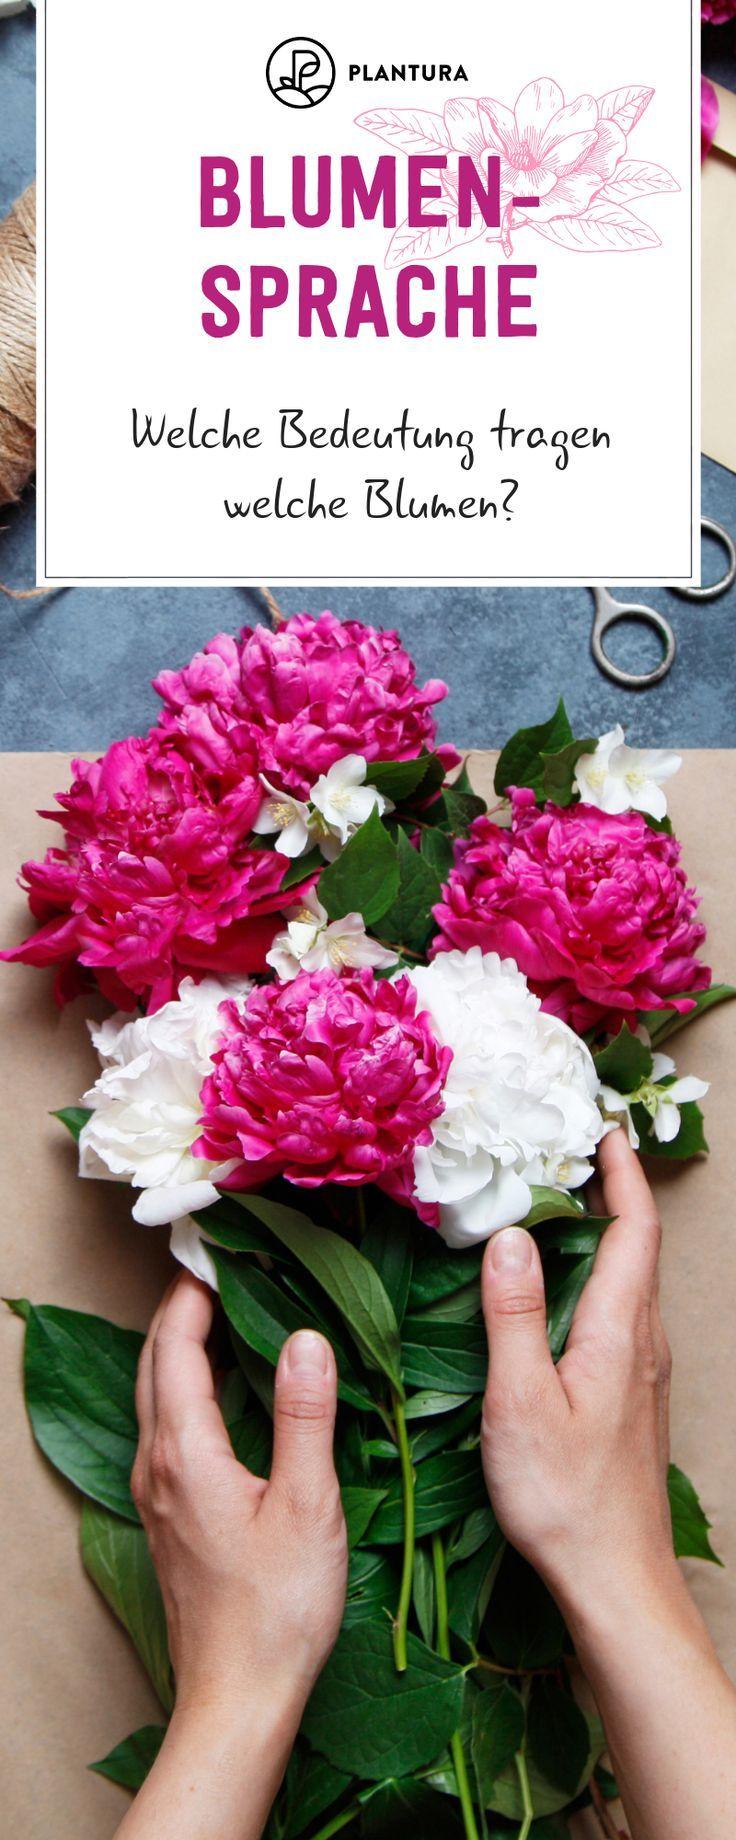 Blumensprache Welche Blume Hat Welche Bedeutung Bedeutung Blume Blumensprache Hat We Sprache Der Blumen Bedeutung Von Blumen Blumen